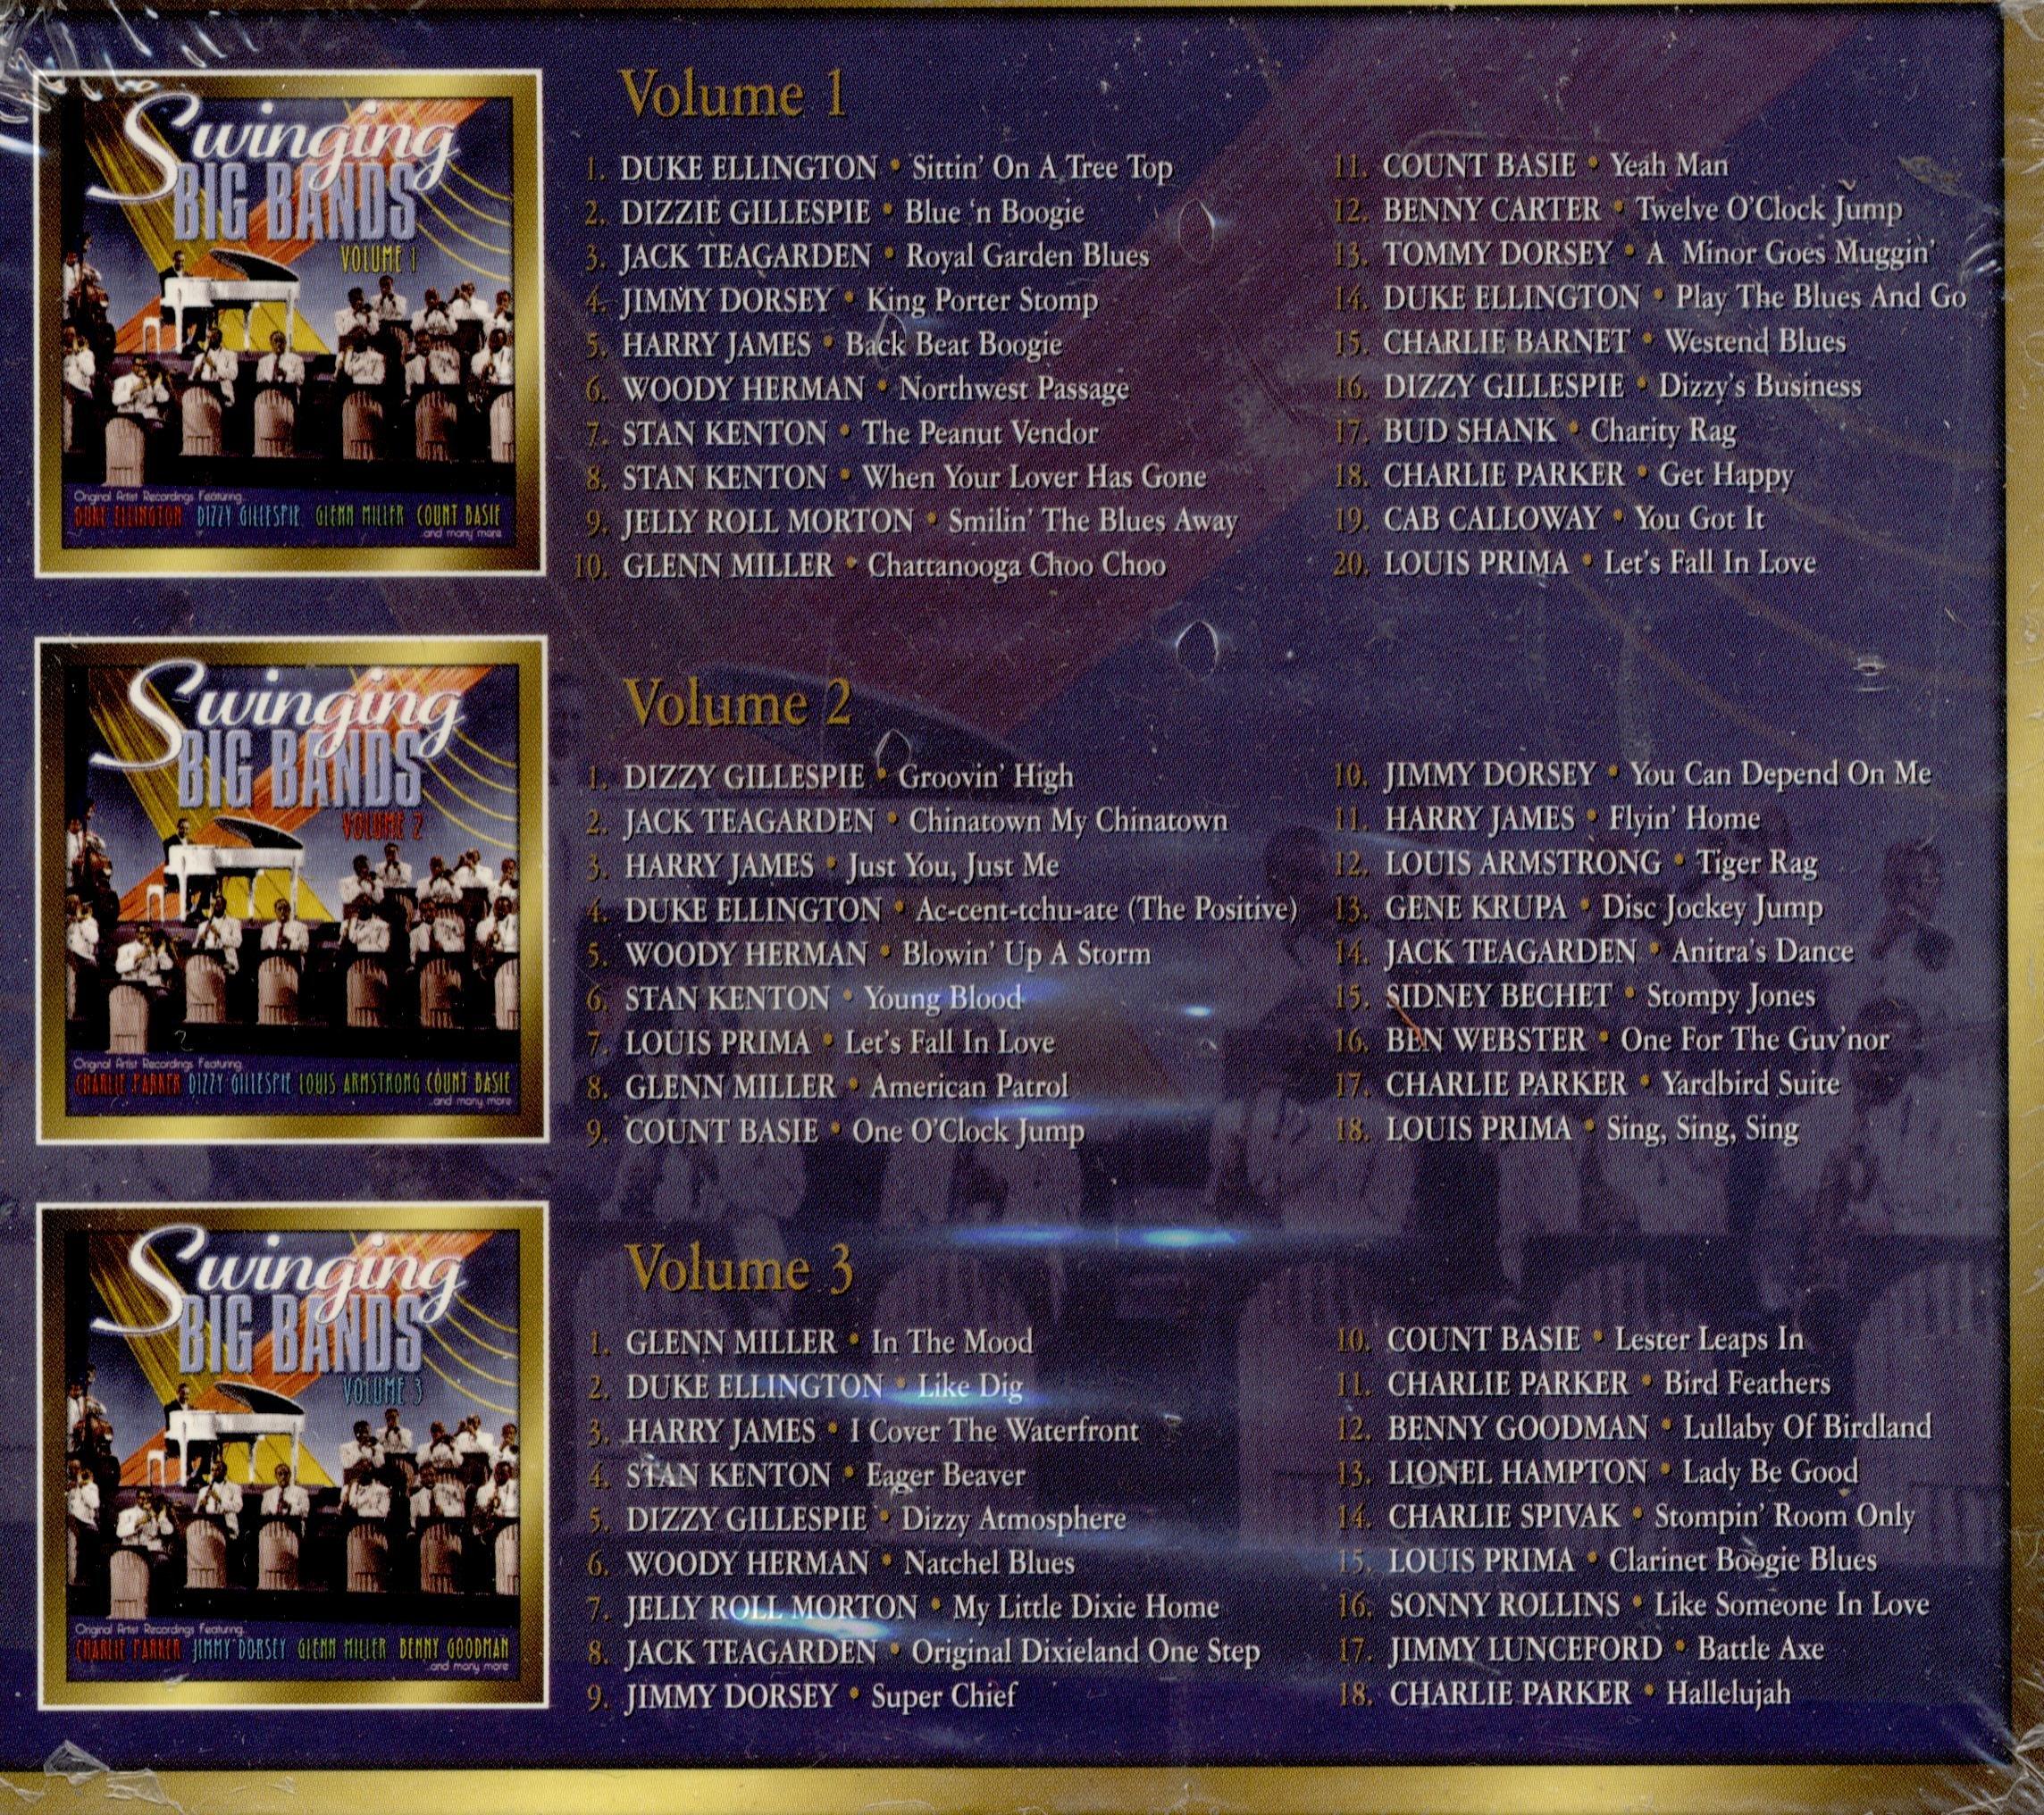 Swinging Big Bands Box by United Multi Vmi